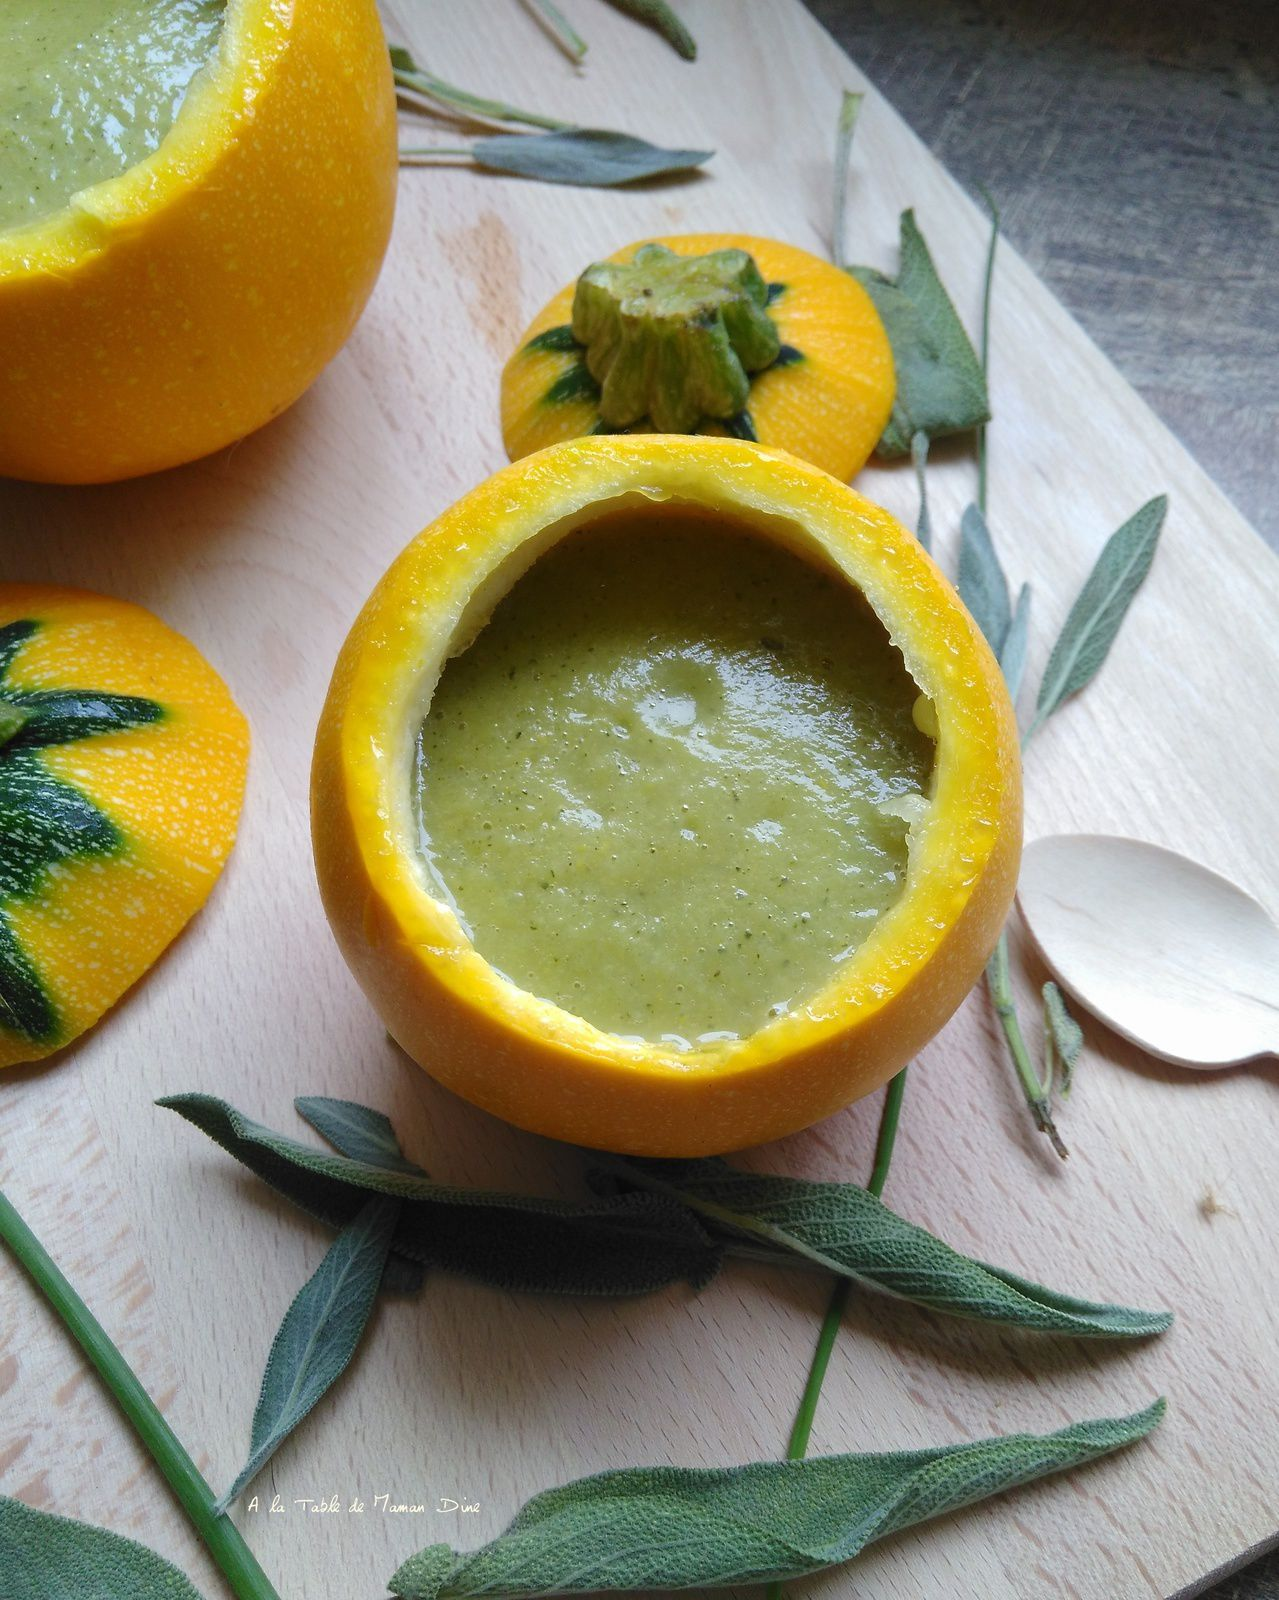 Velouté de courgette jaune &amp&#x3B; verte à la crème végétale d'amande